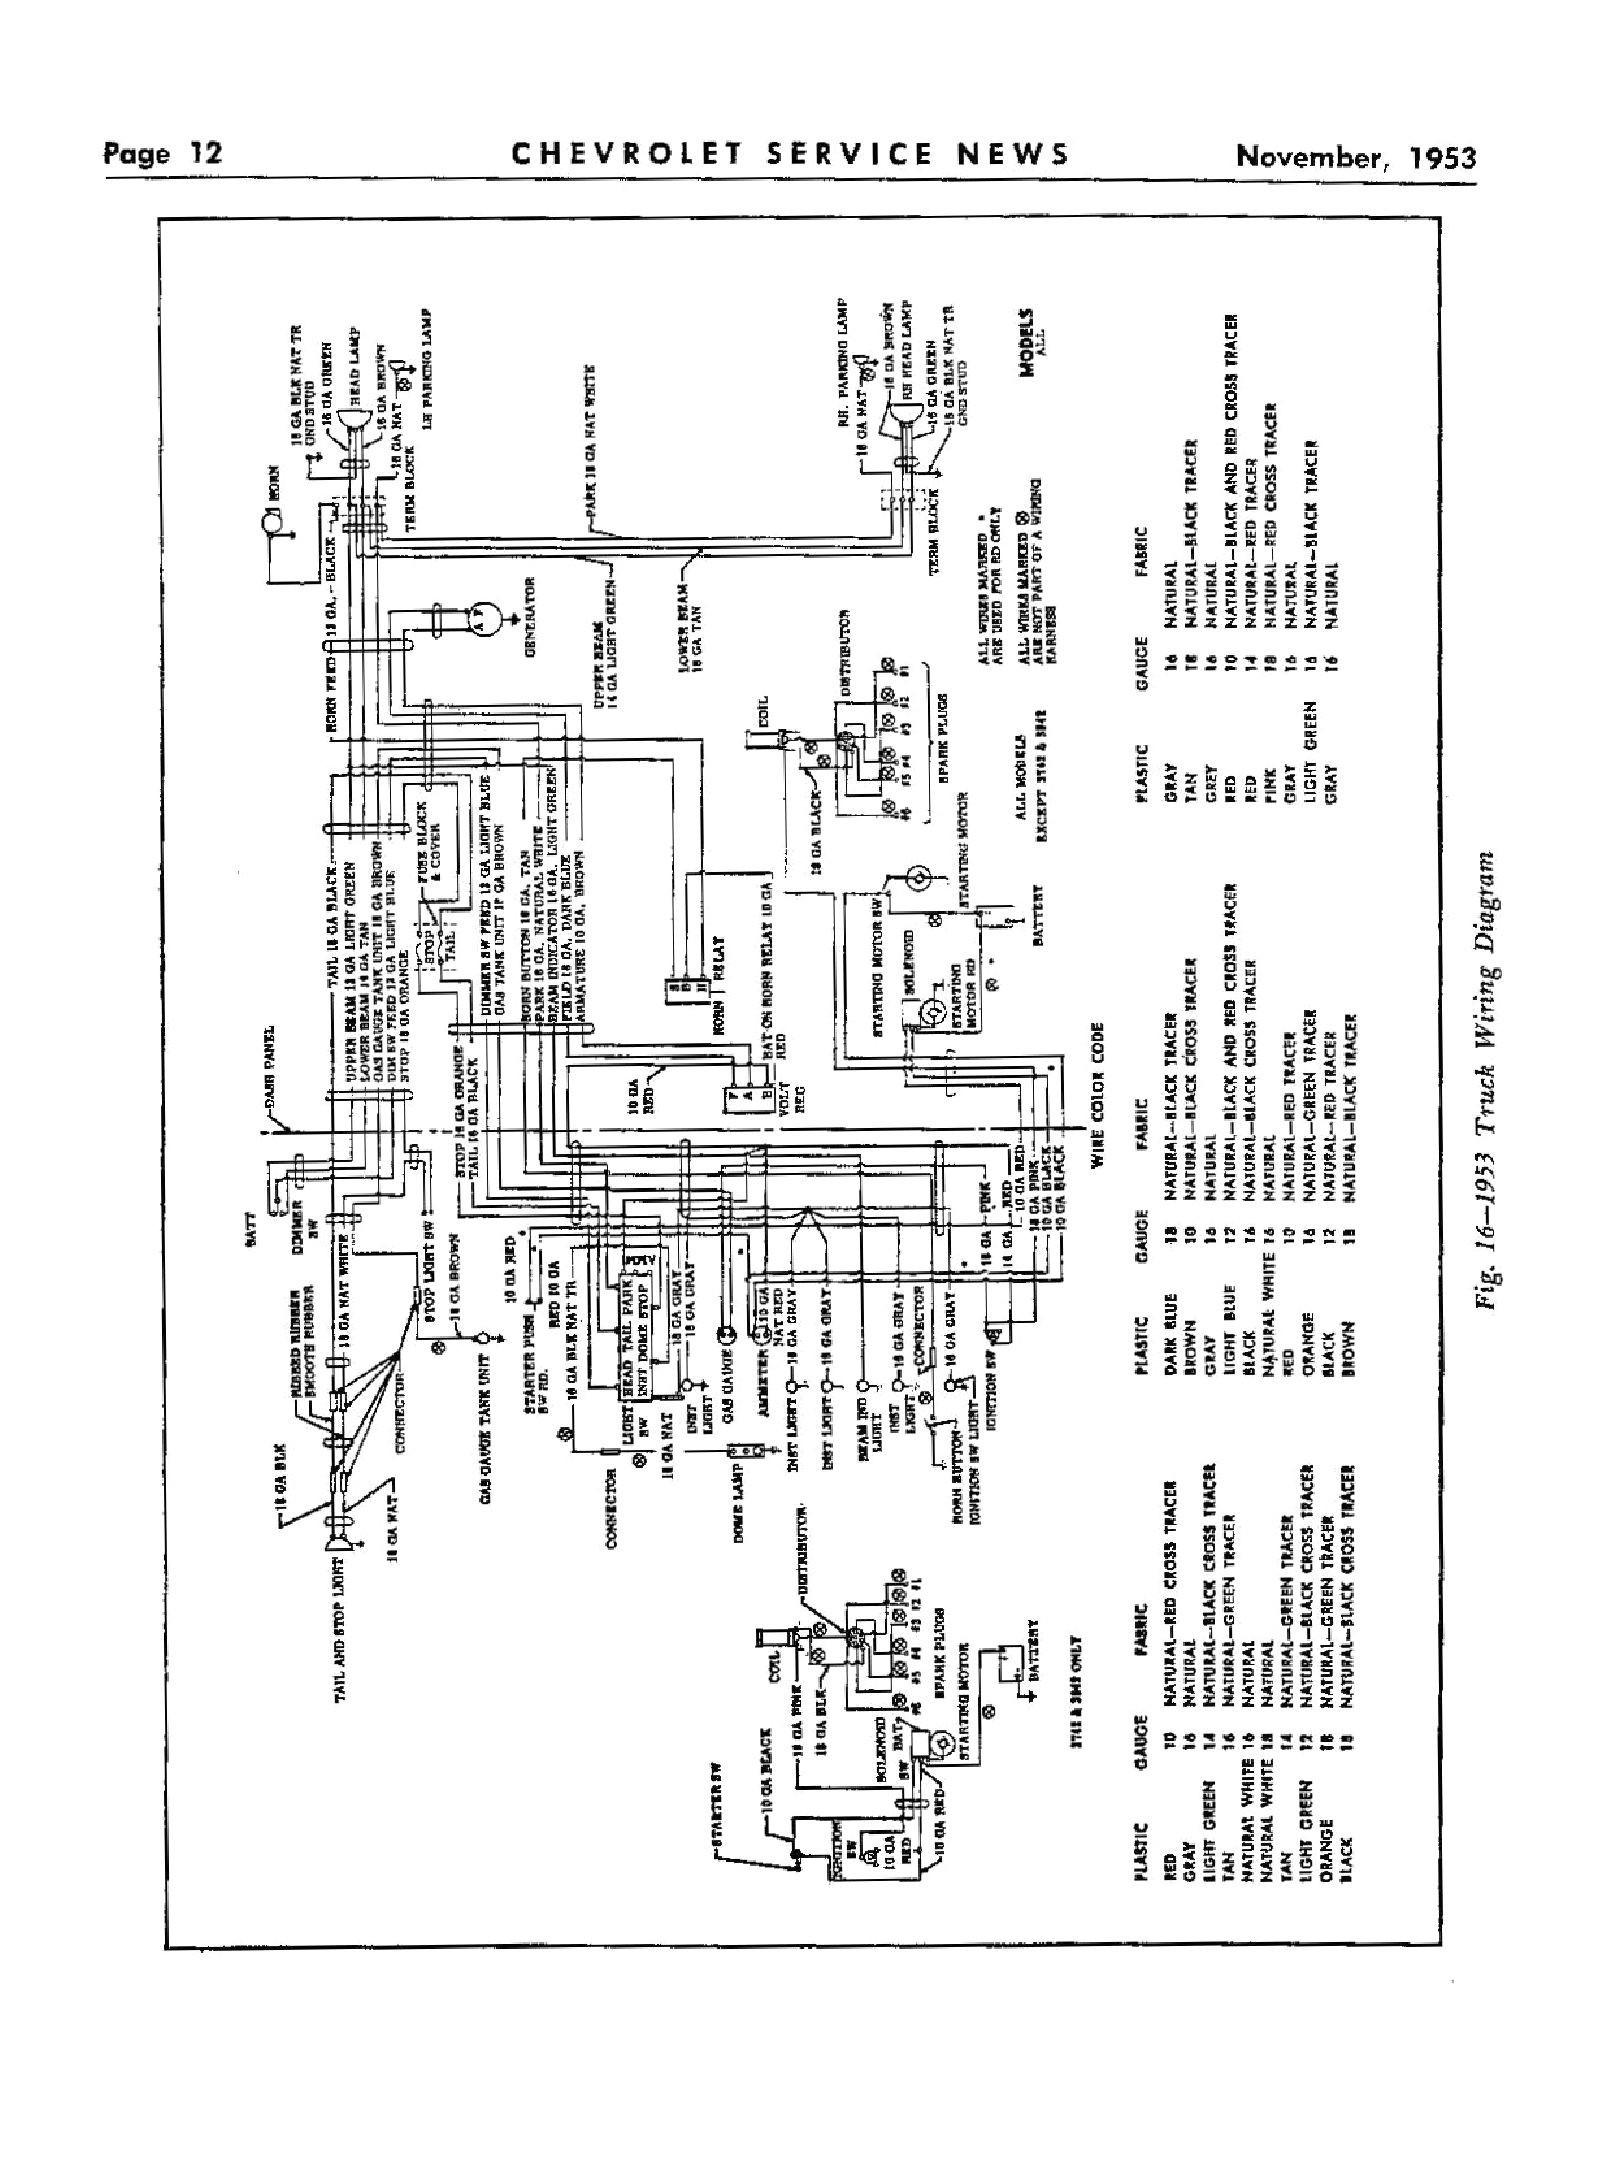 freightliner starter solenoid wiring diagram inspirational f150 starter wiring diagram wiring diagram of freightliner starter solenoid wiring diagram freightliner starter wiring diagram 12 freightliner fl70 wiring